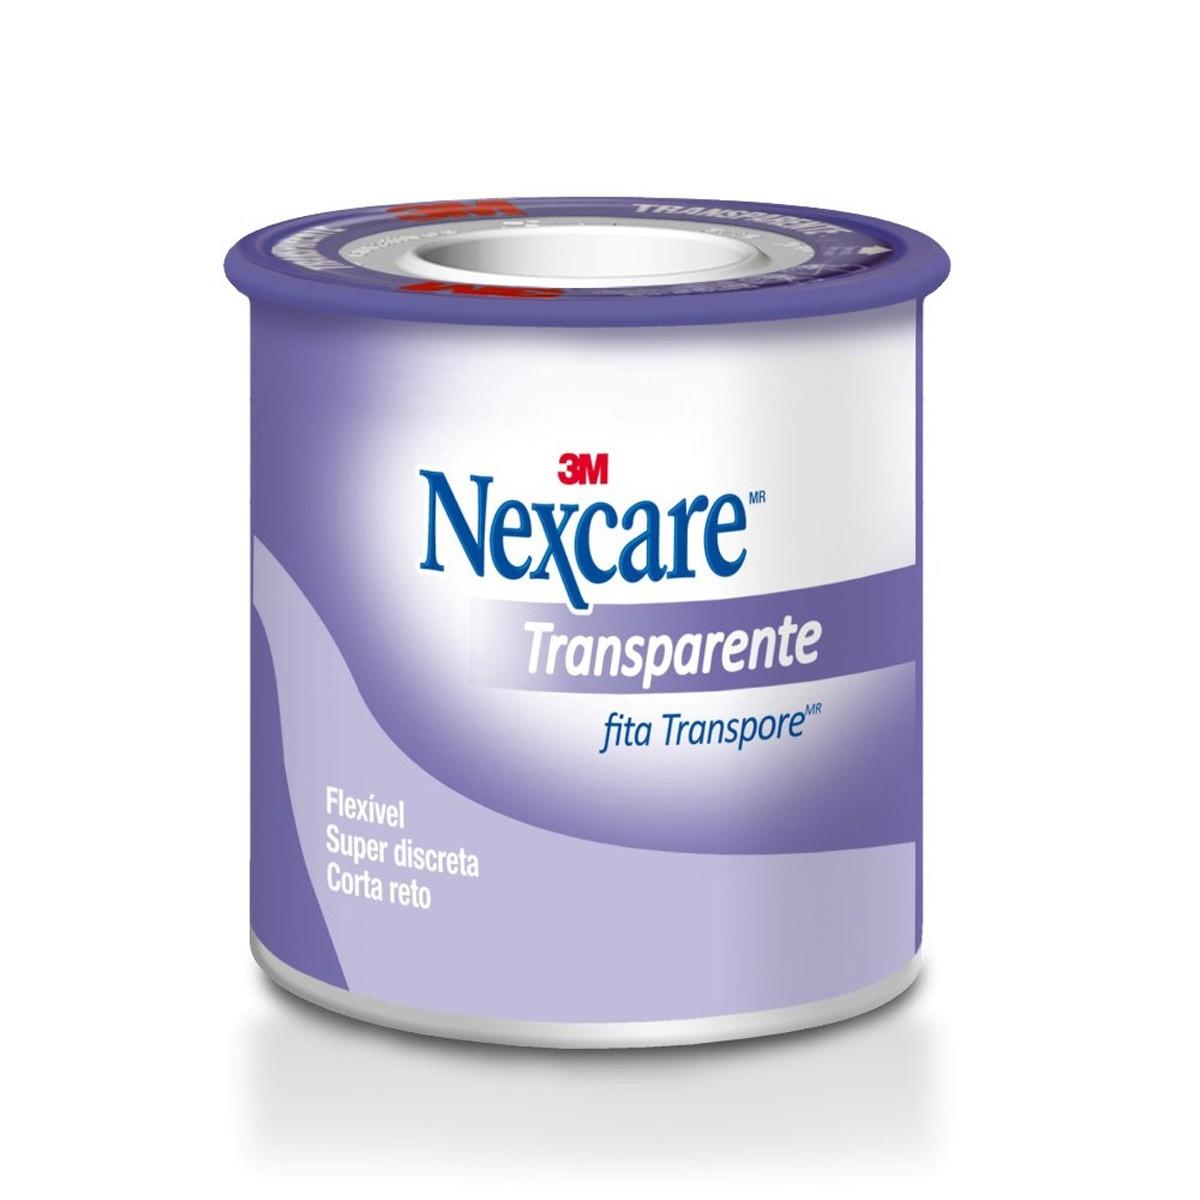 Esparadrapo Nexcare Transparente 50x4,5